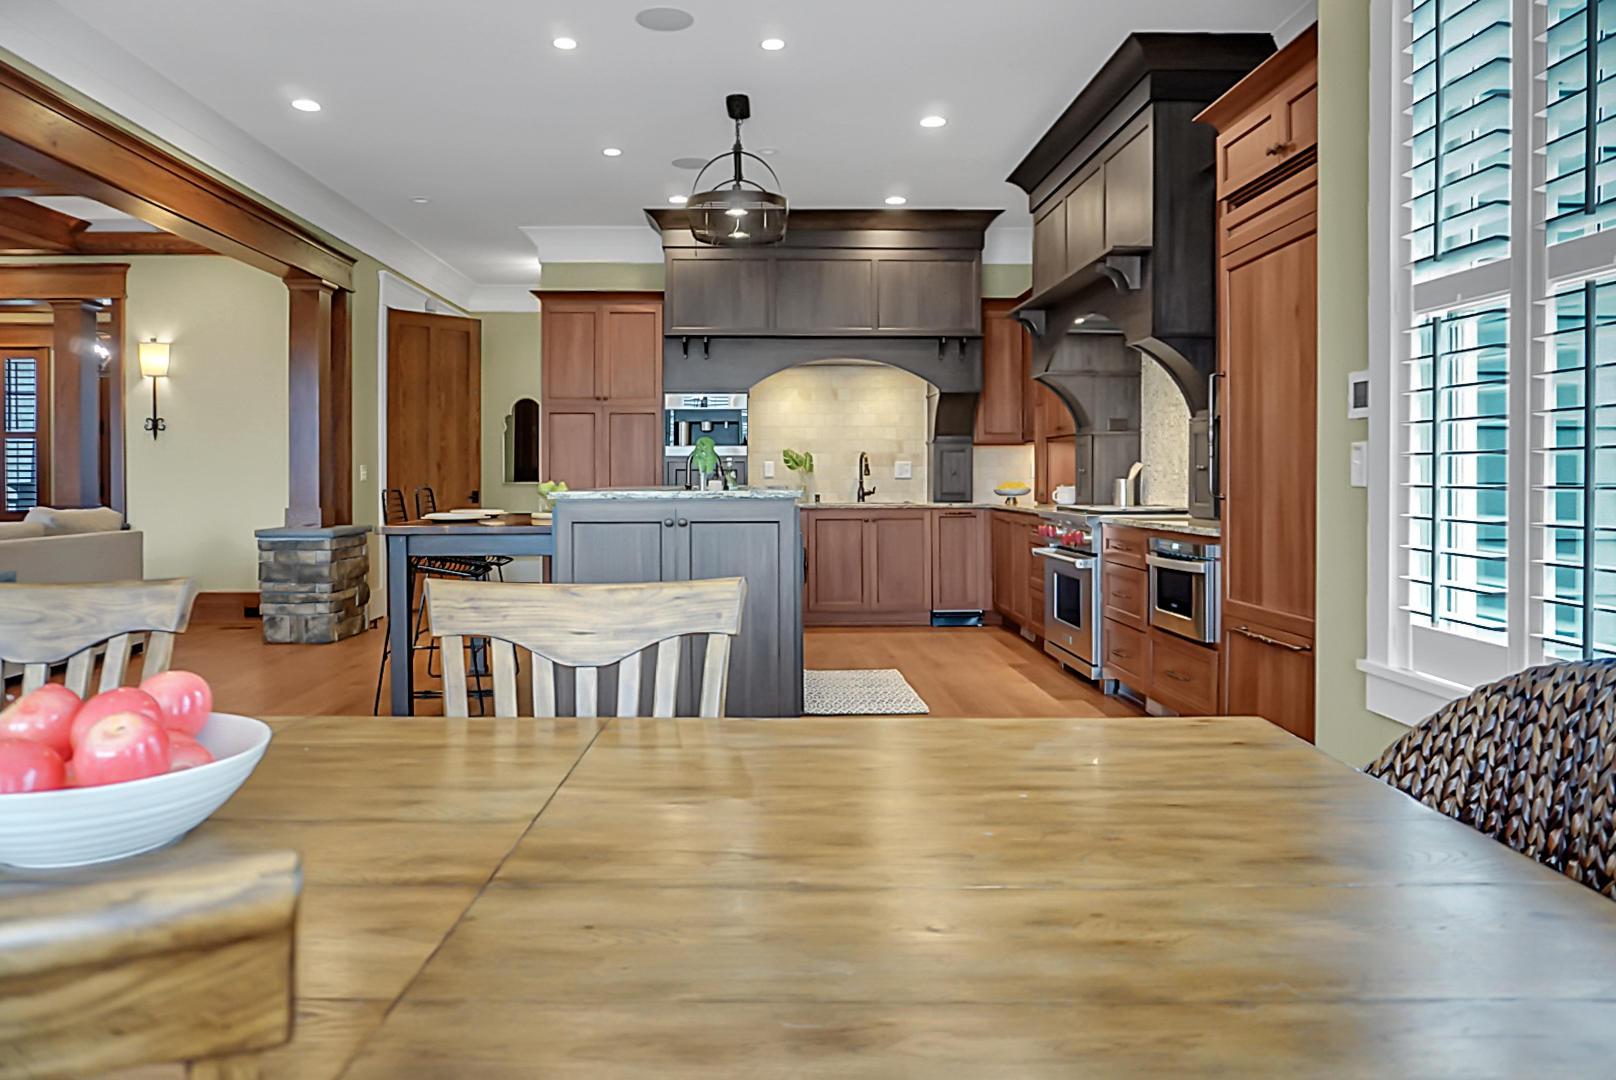 Dunes West Homes For Sale - 2978 River Vista, Mount Pleasant, SC - 60